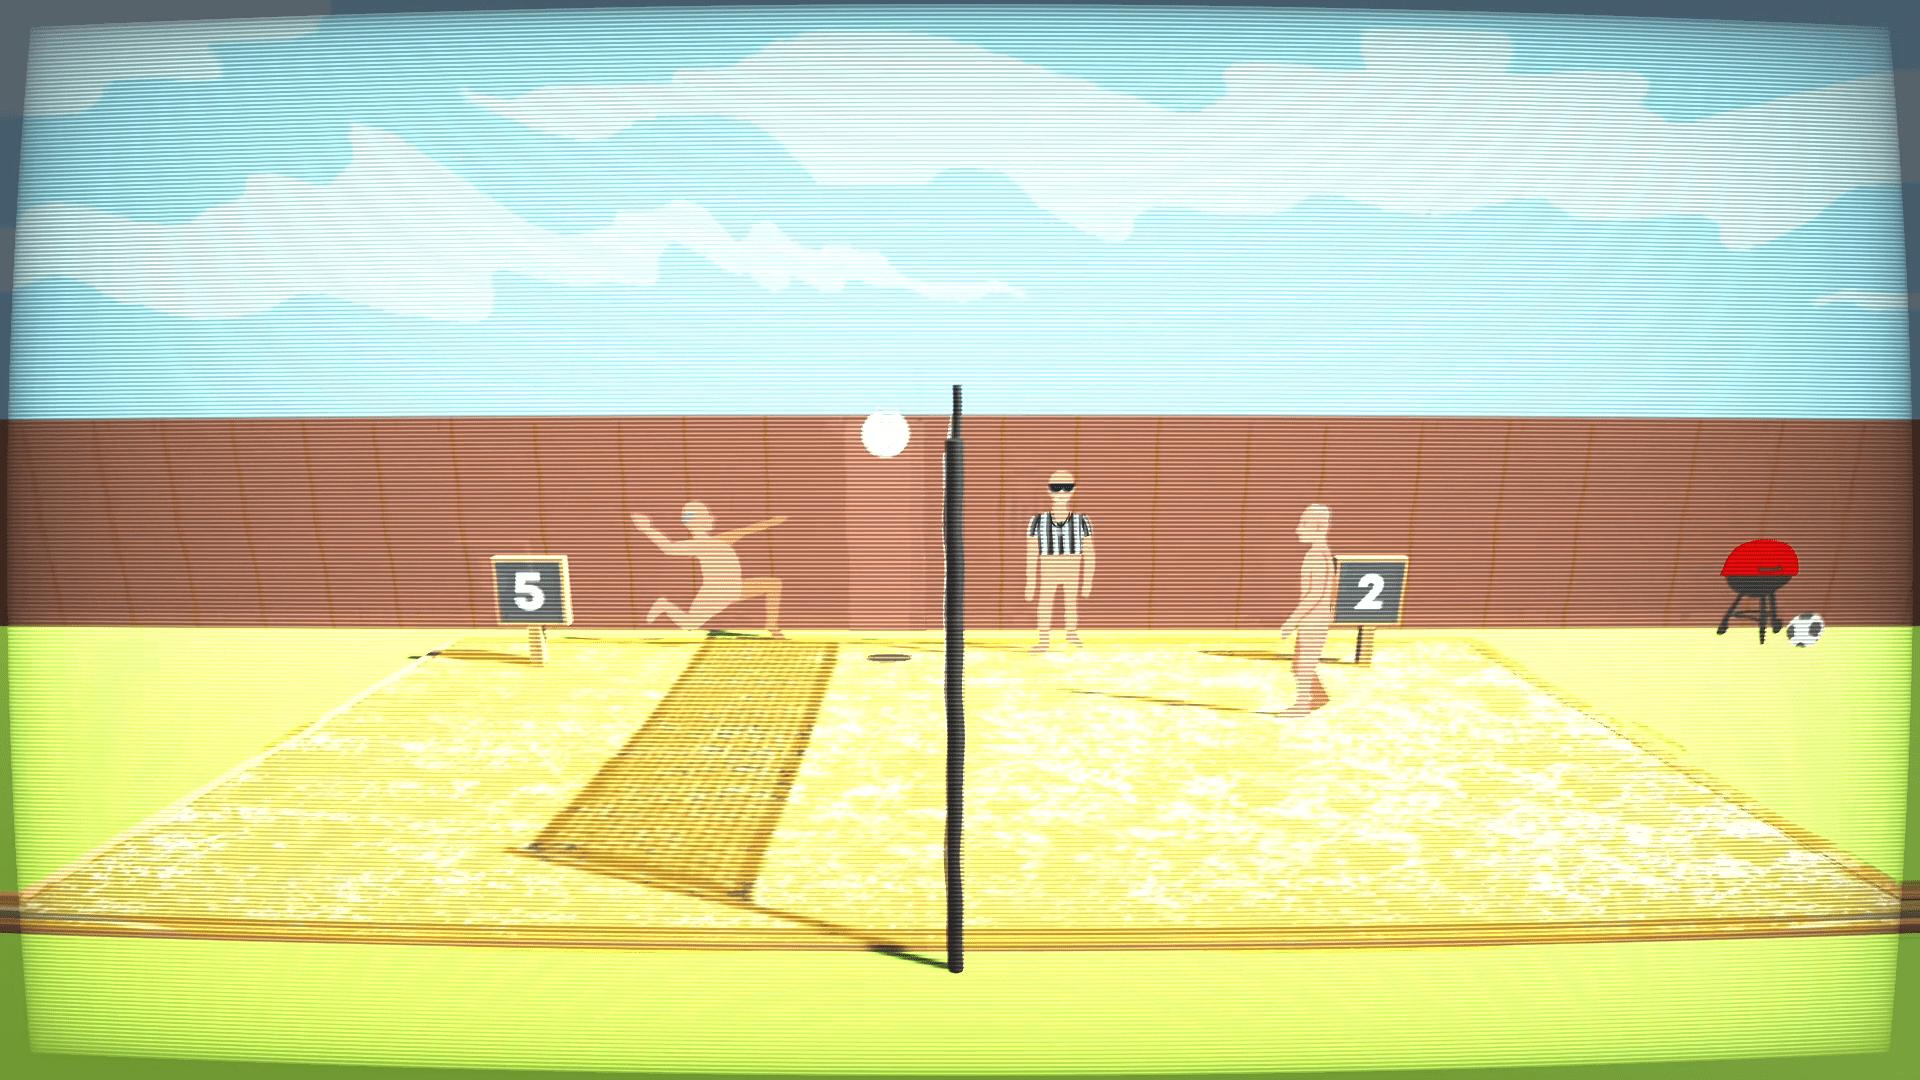 Débarquez sur les plages nudistes pour une joute amicale de volley-ball!